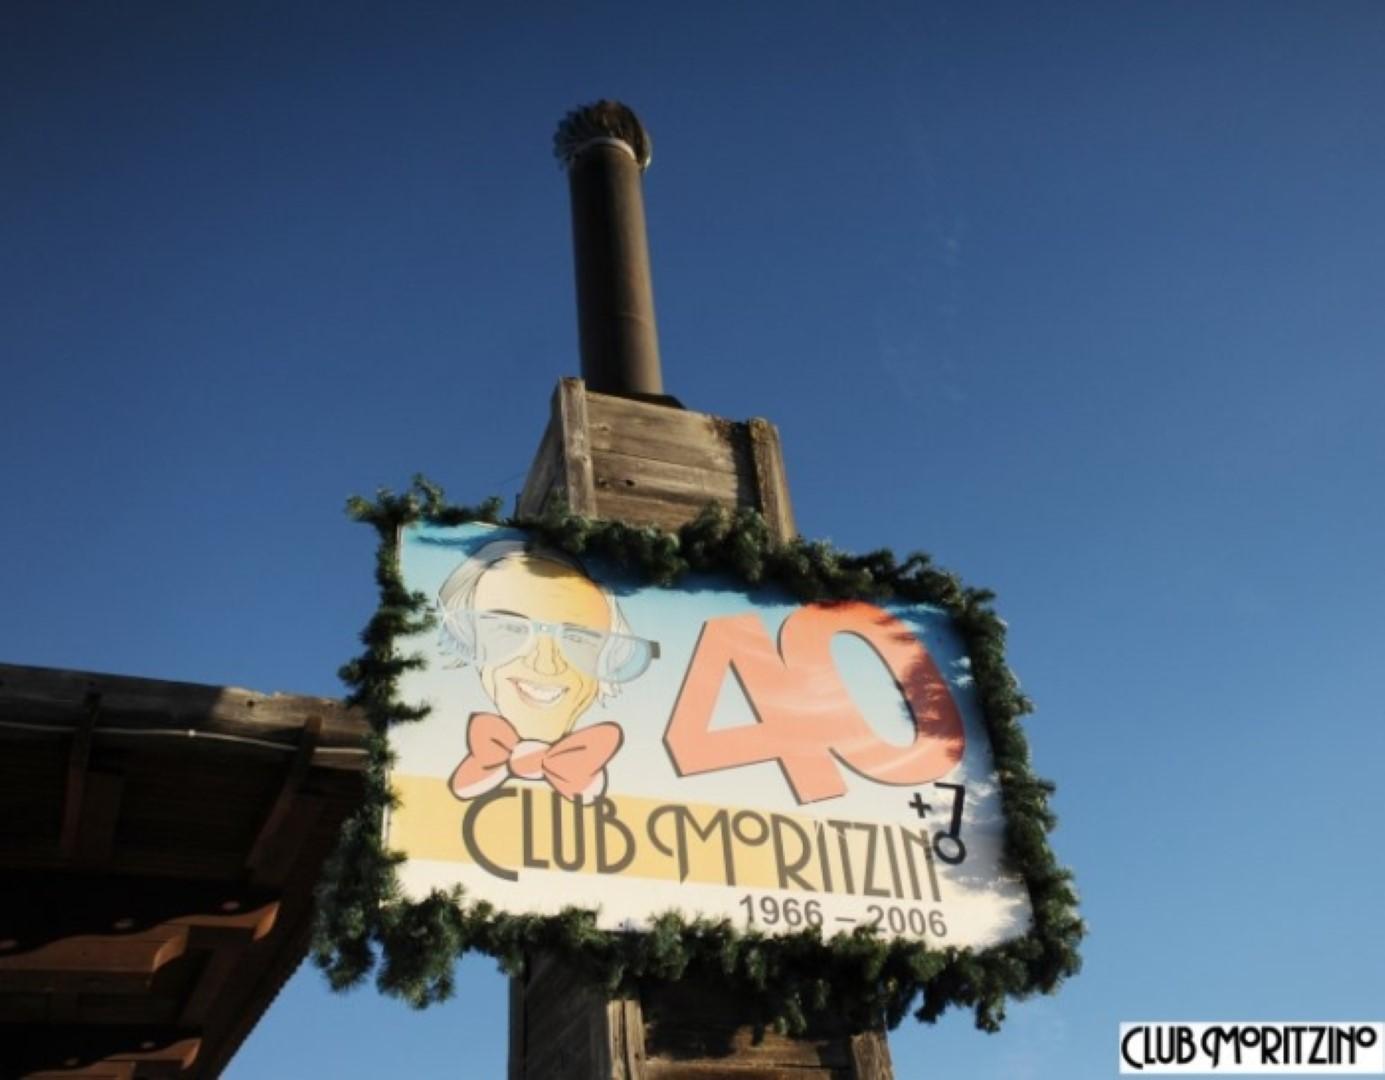 foto 20130829 1051508707 - Giornata Apres Ski al Moritzino